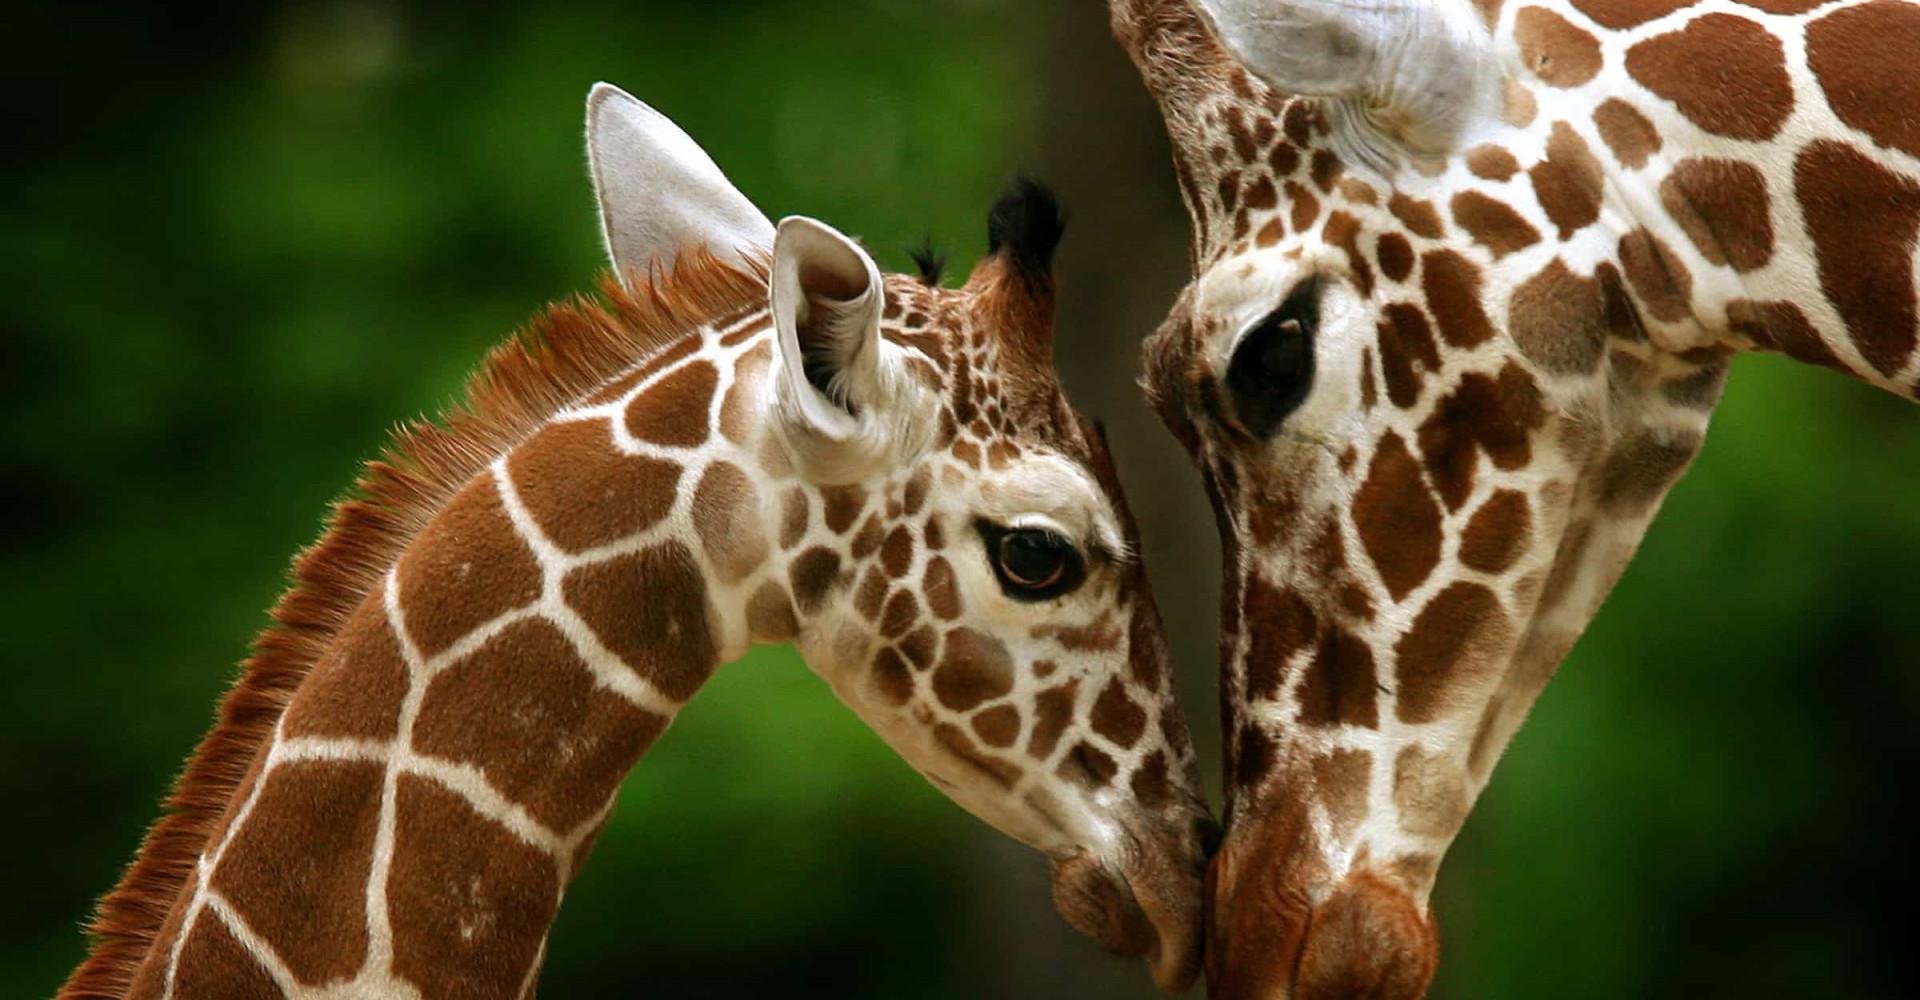 Mammakärlek: Underbara bilder på djurmammor och deras bebisar